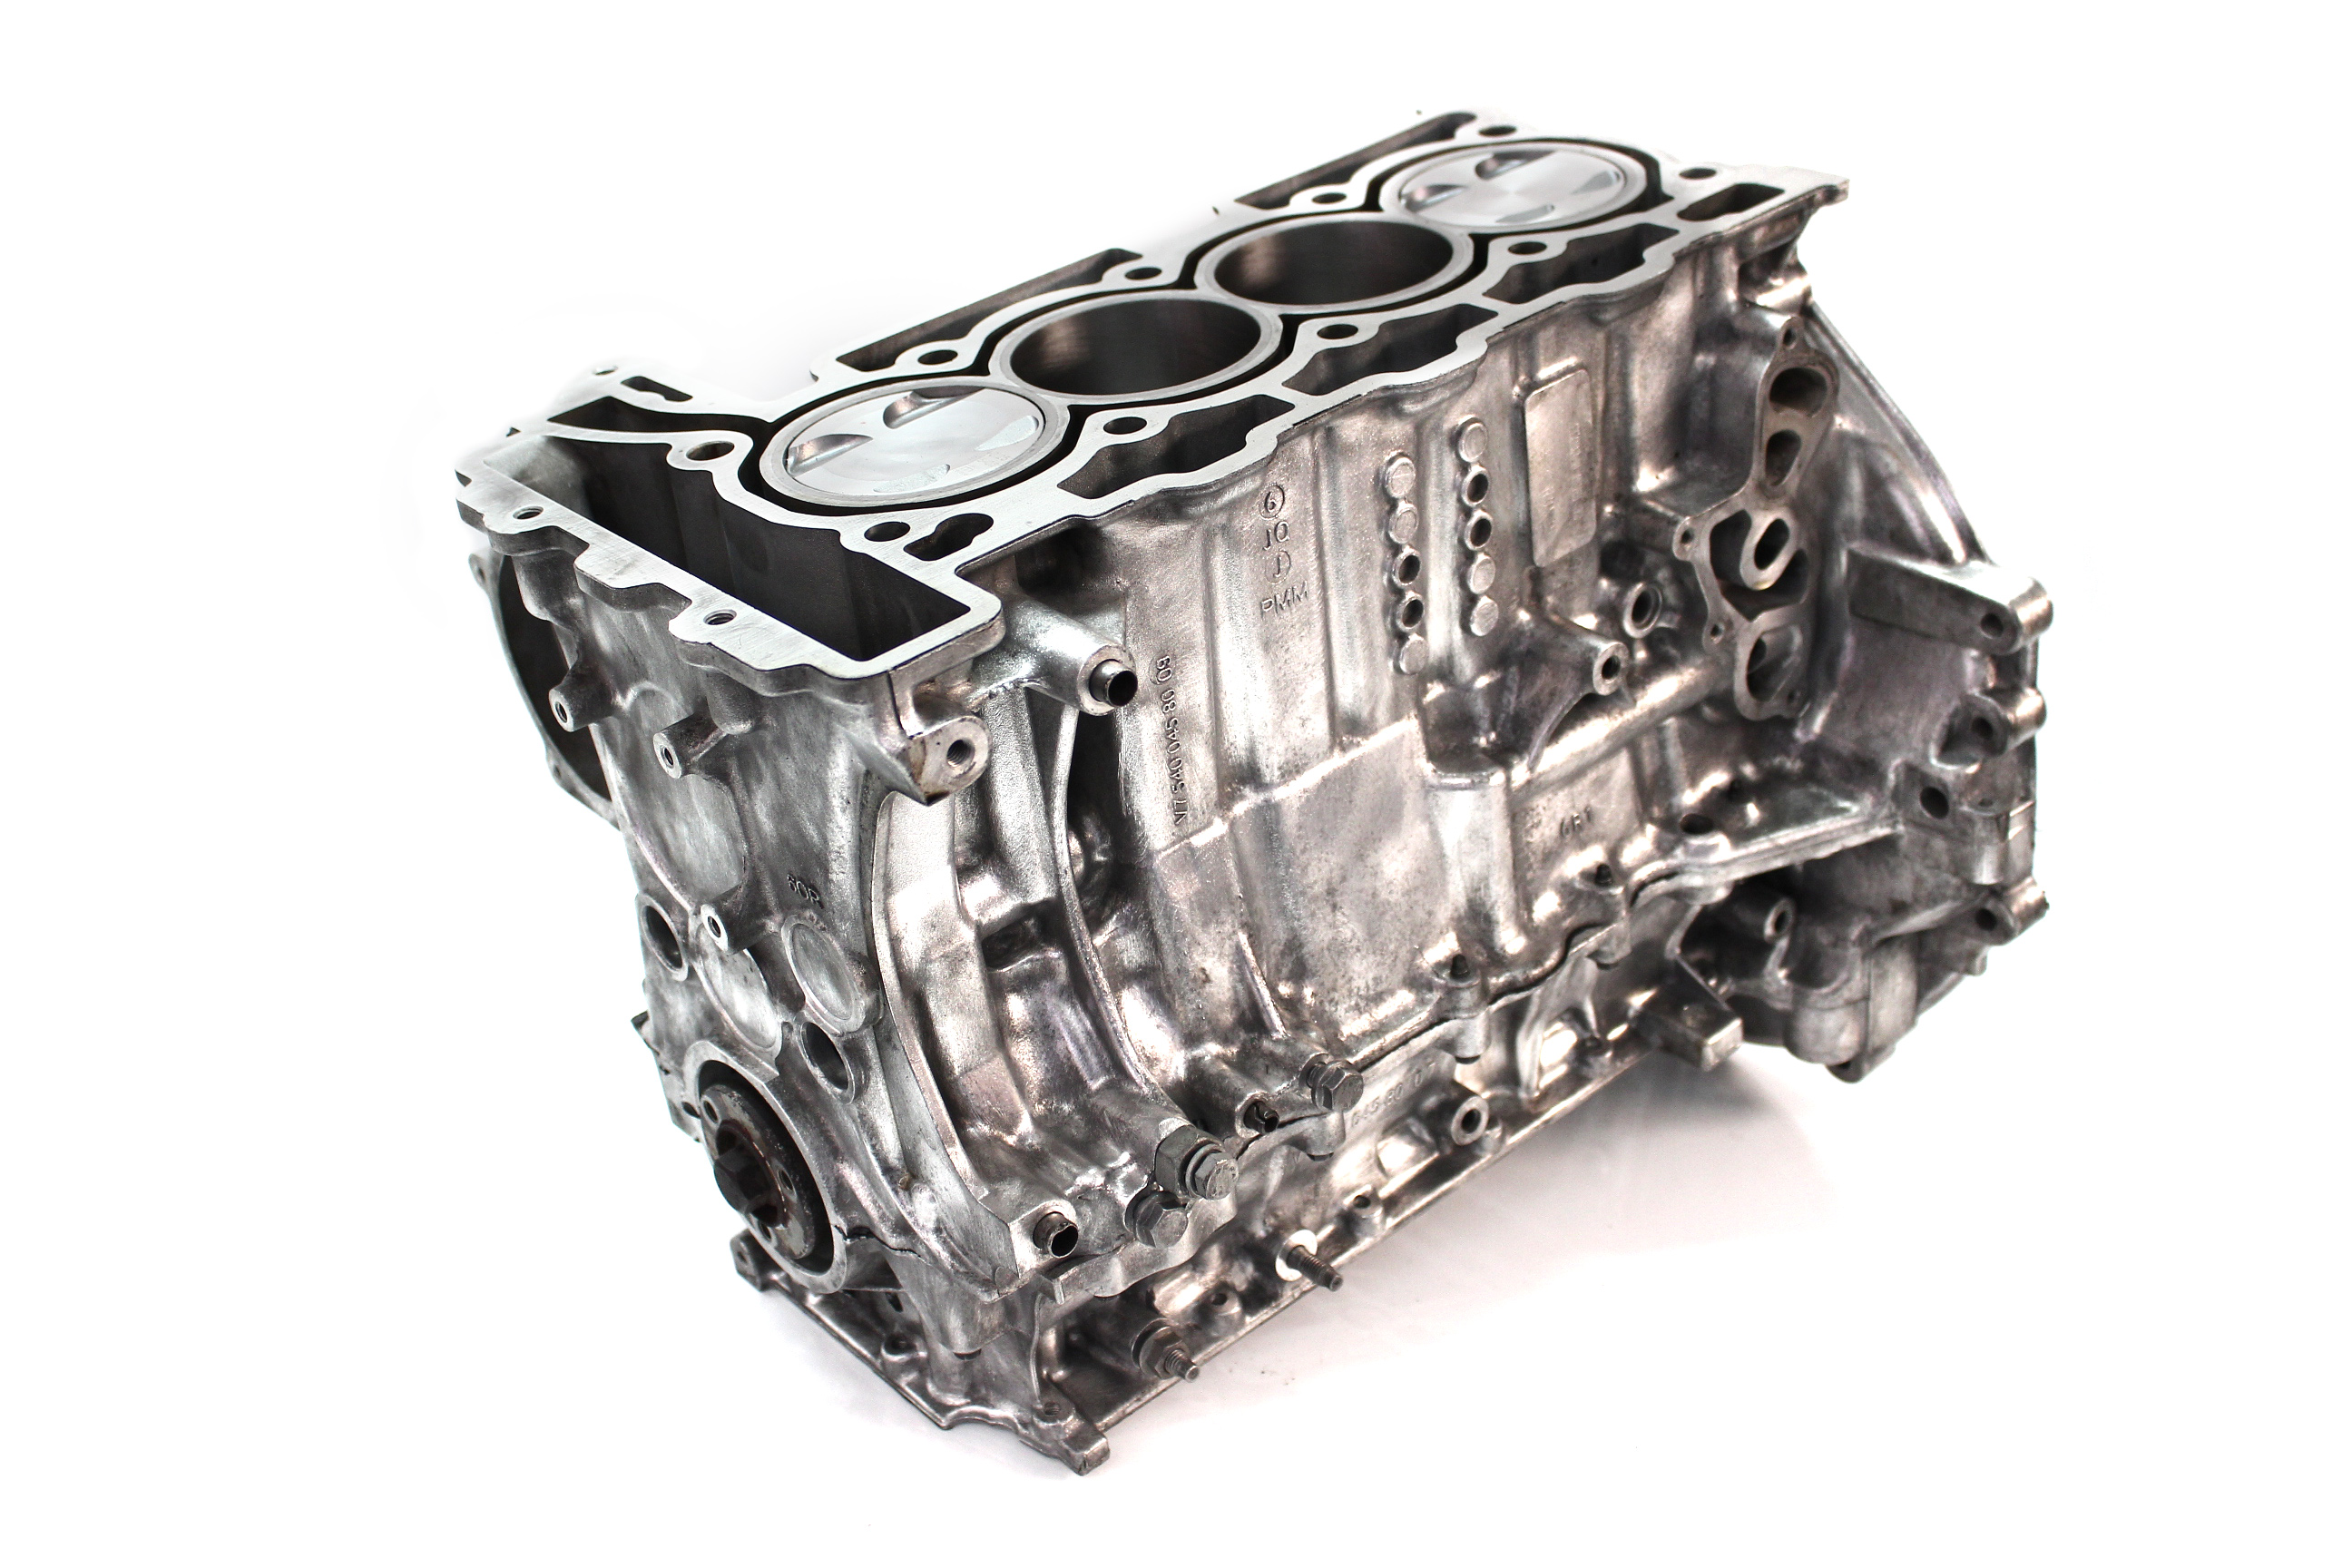 Le bloc moteur est dépassé révisé Attelage Mini Cooper 1,6 N12 N12B16A NOUVEAU